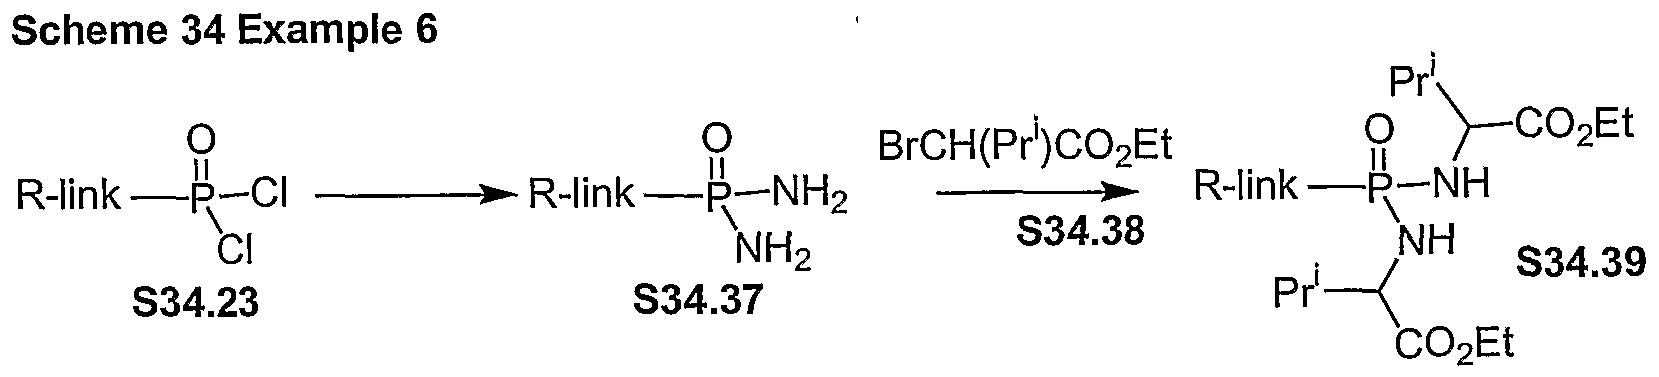 Figure imgf000253_0005